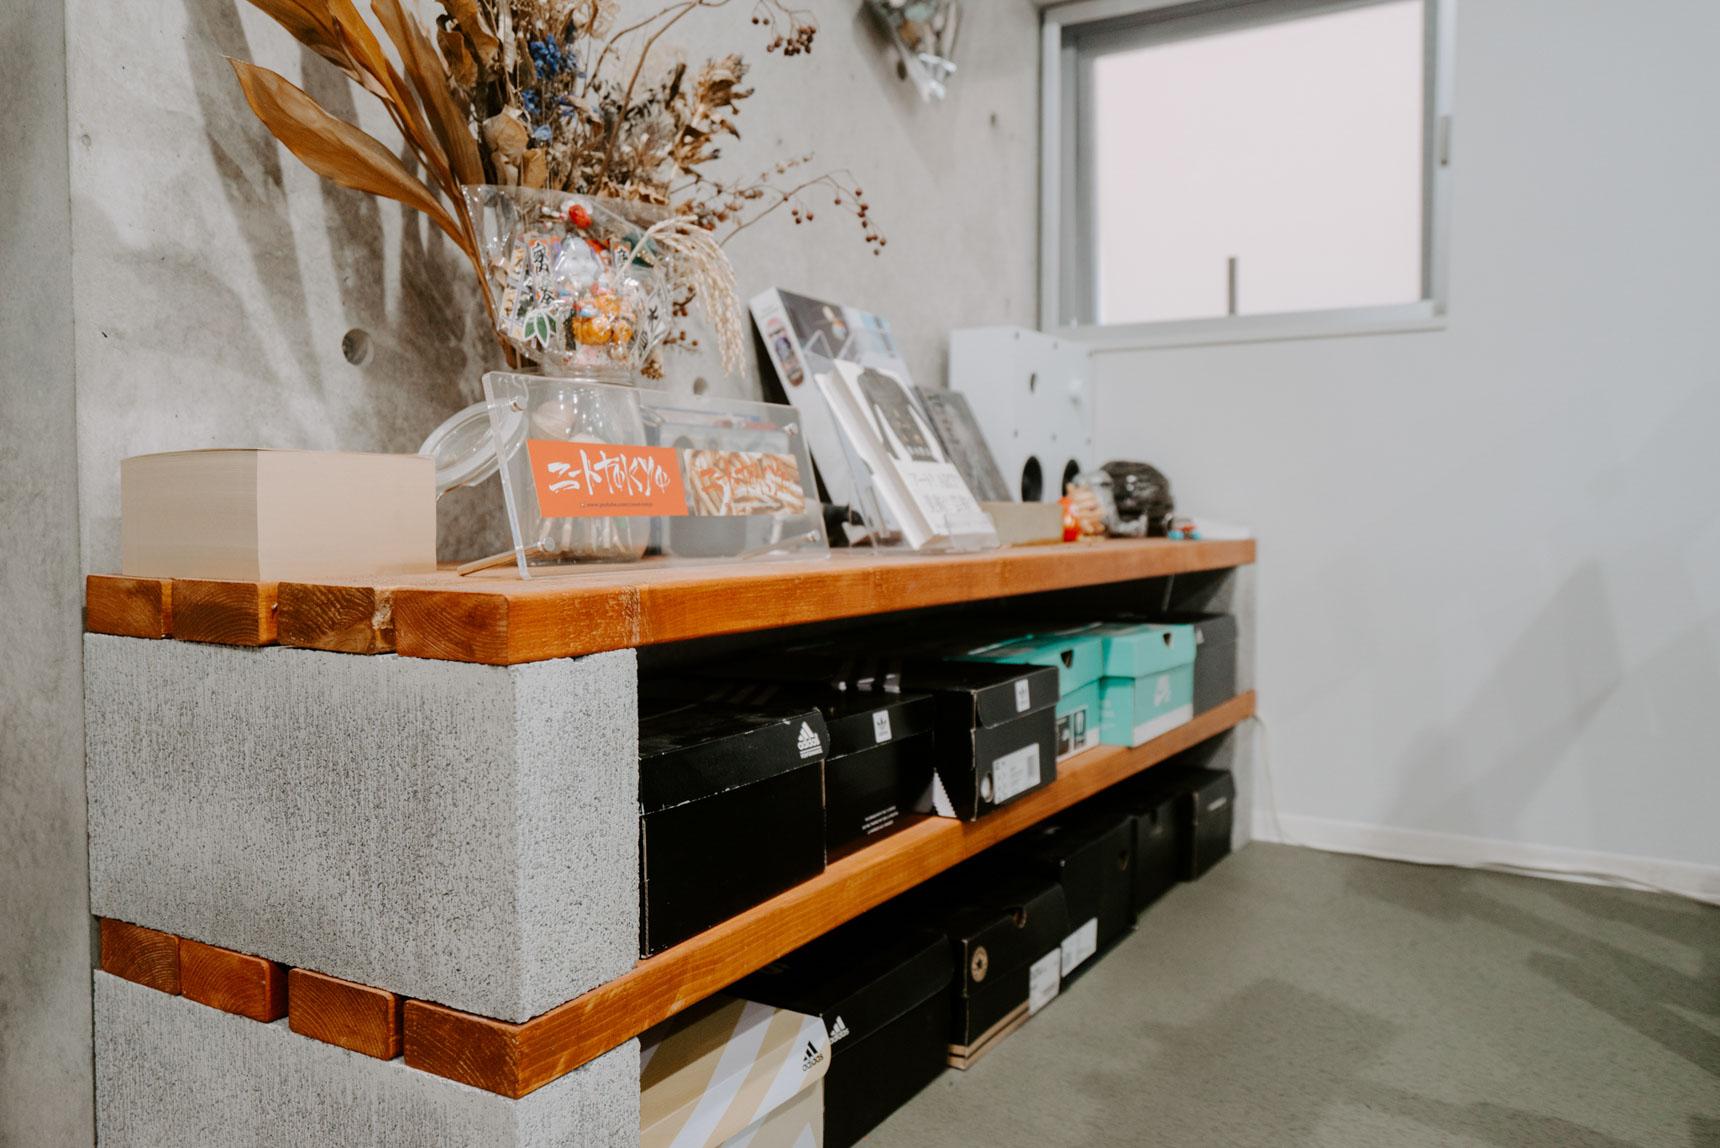 こちらのスニーカーコレクションが収まる棚もDIY。ブロックに色を塗った板を渡しただけの簡単施工。